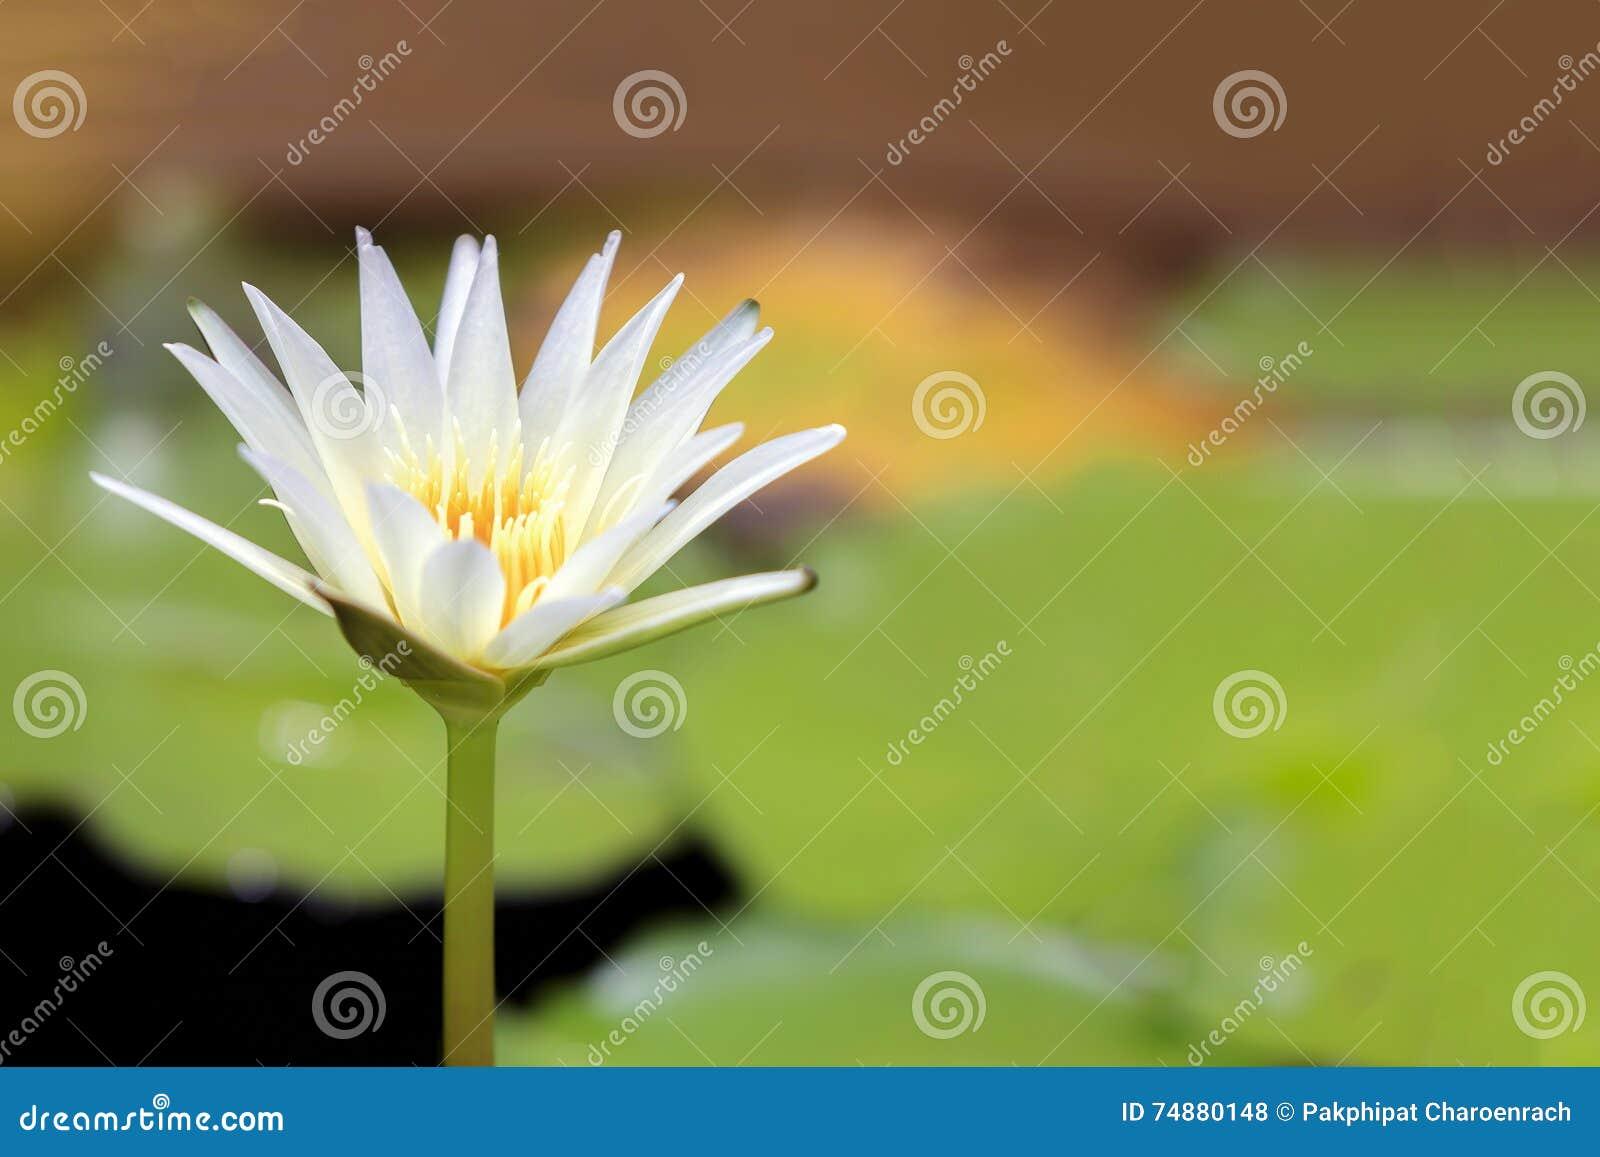 Close-up às plantas da flor de Lotus e da flor de Lotus